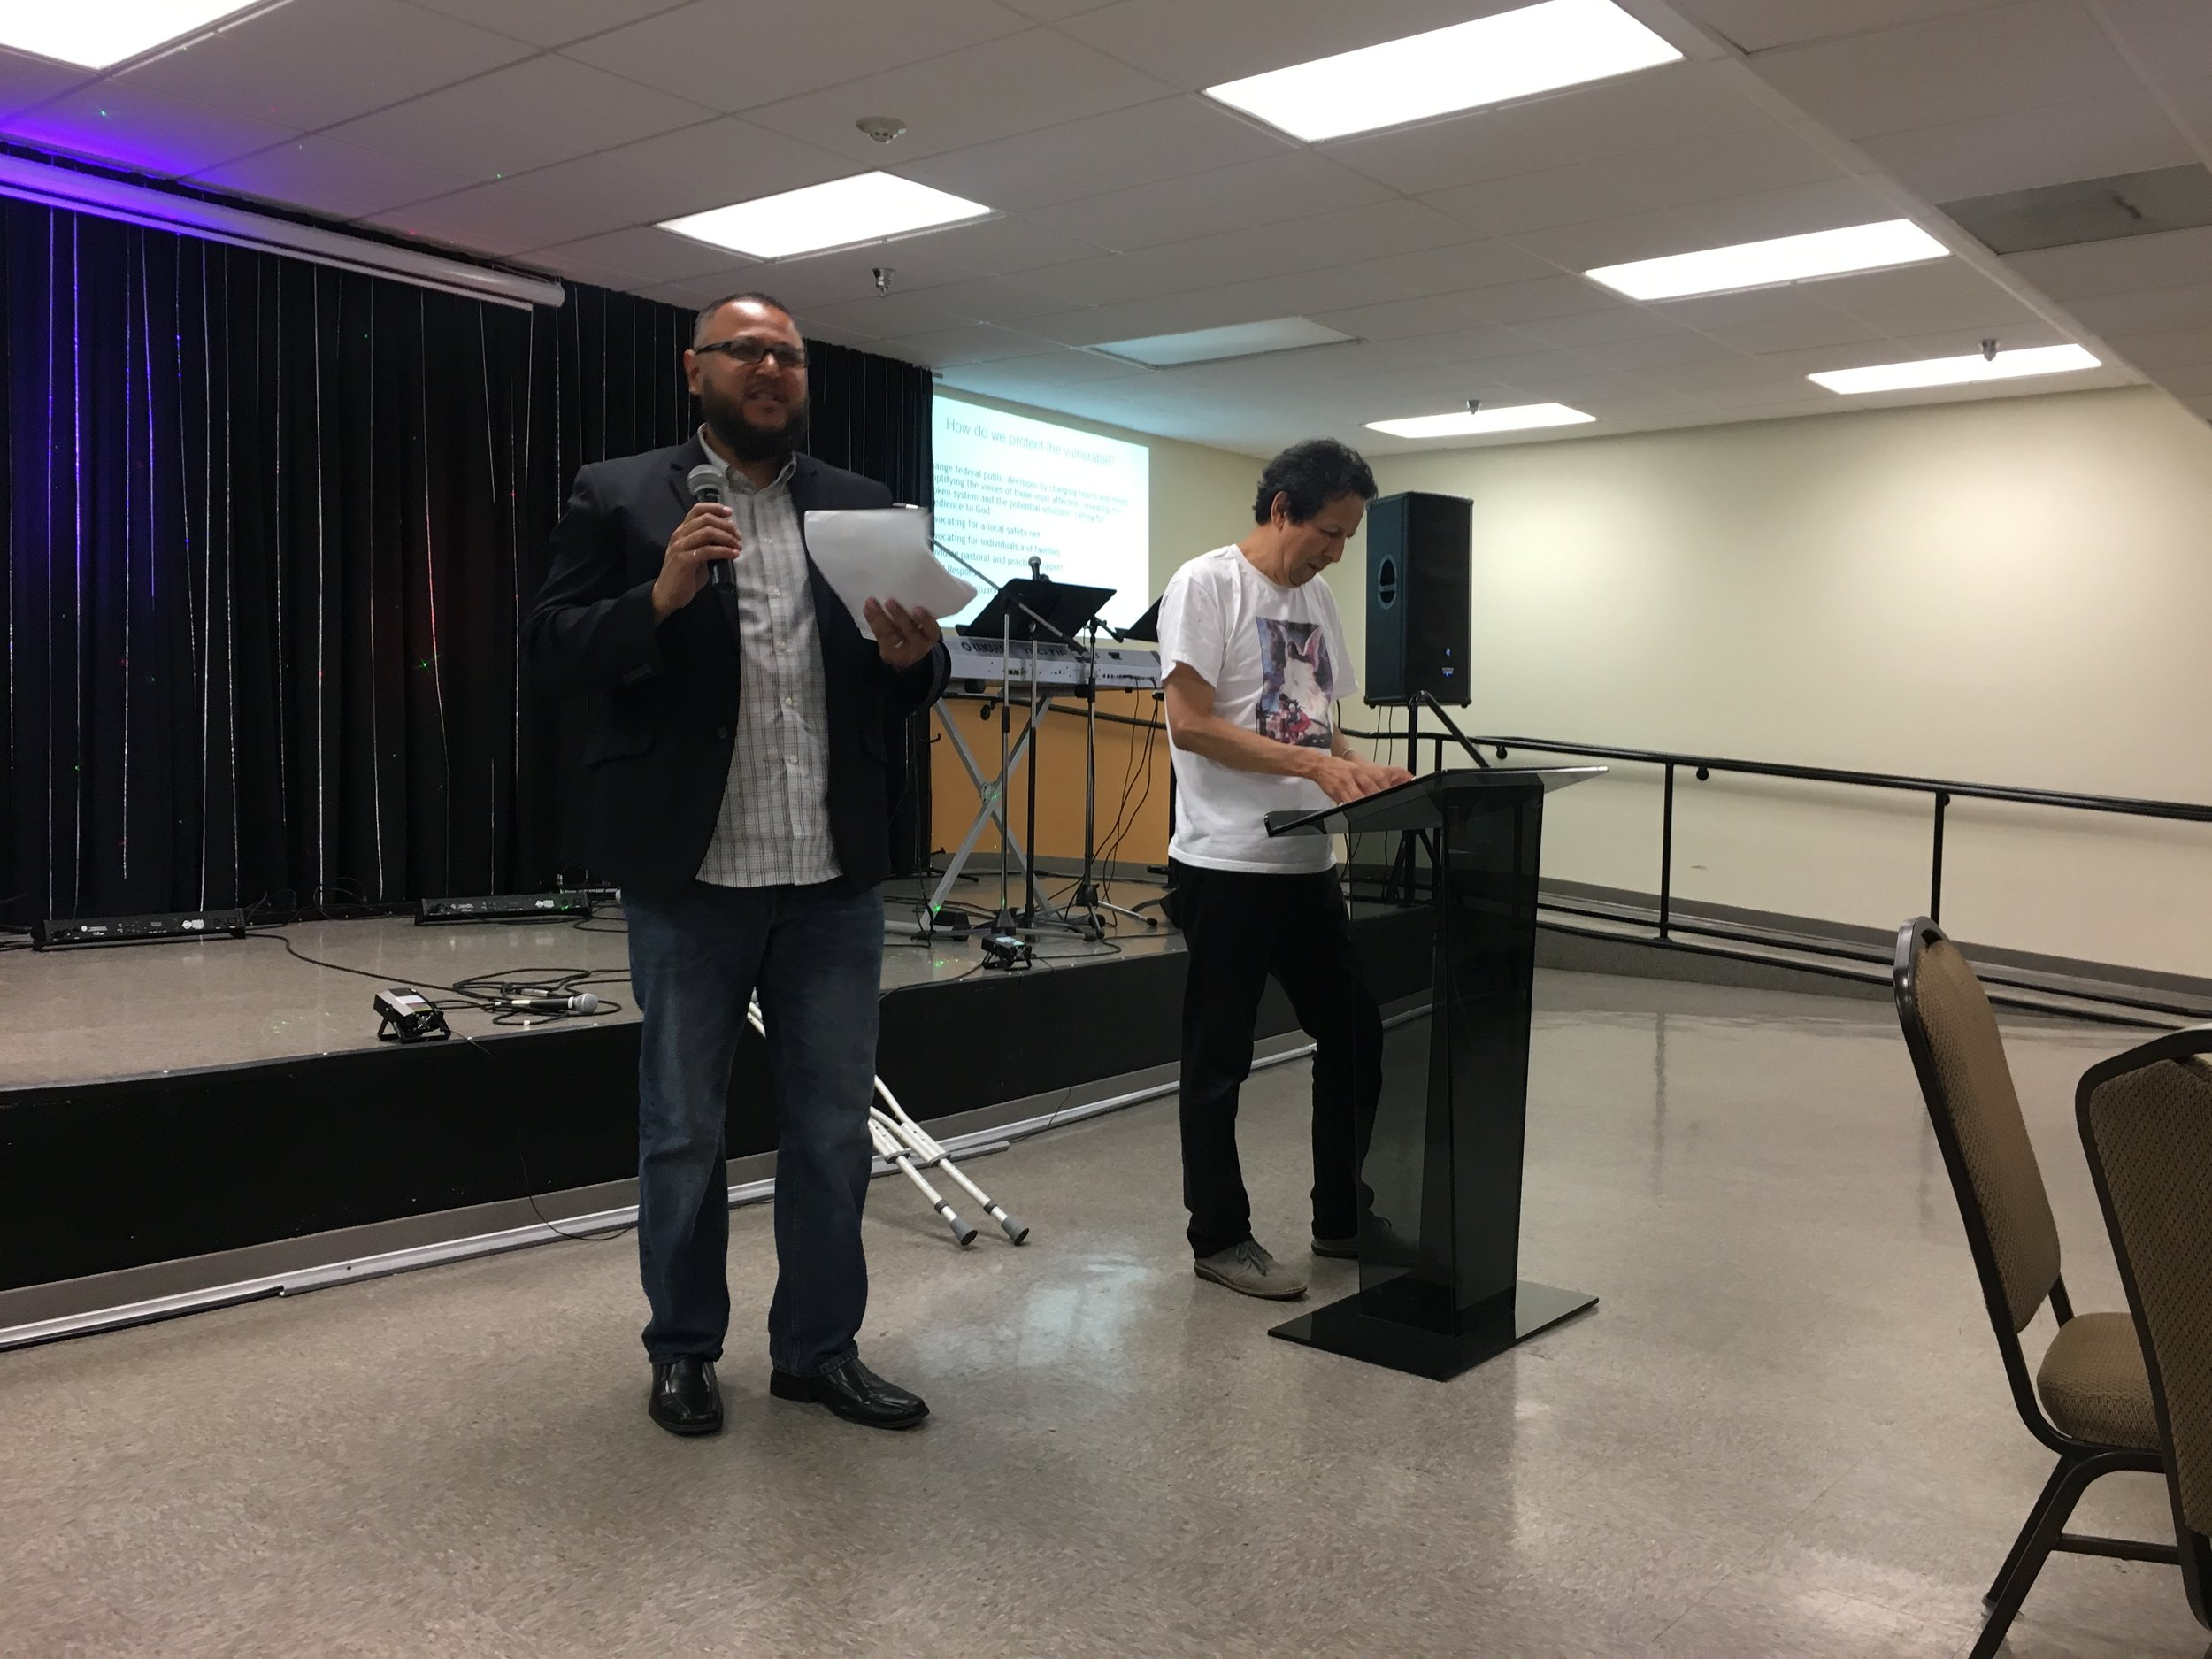 Dr. Robert Chao Romero and Michael Mata discuss training.